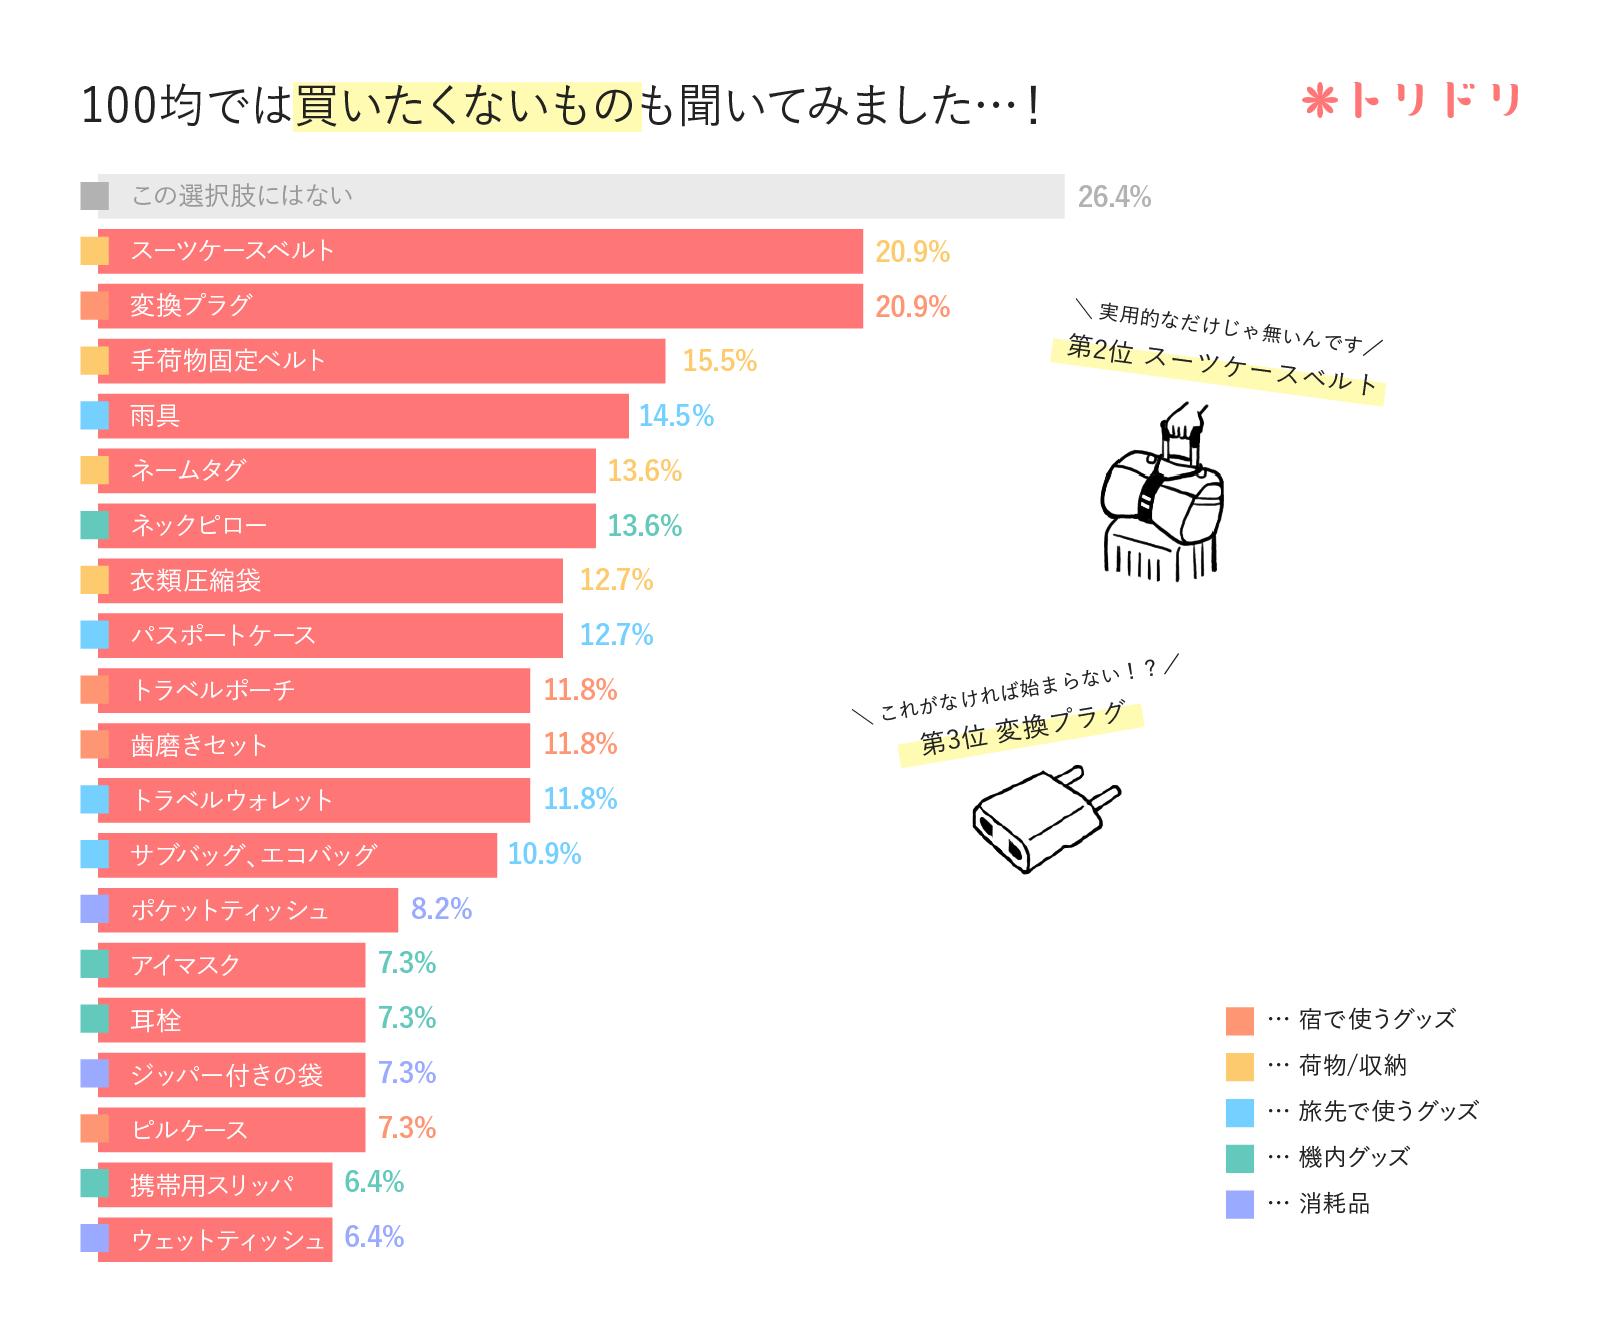 アンケート結果のグラフ:海外旅行の準備で必要だけど、100円ショップでは買いたくないものはありますか?